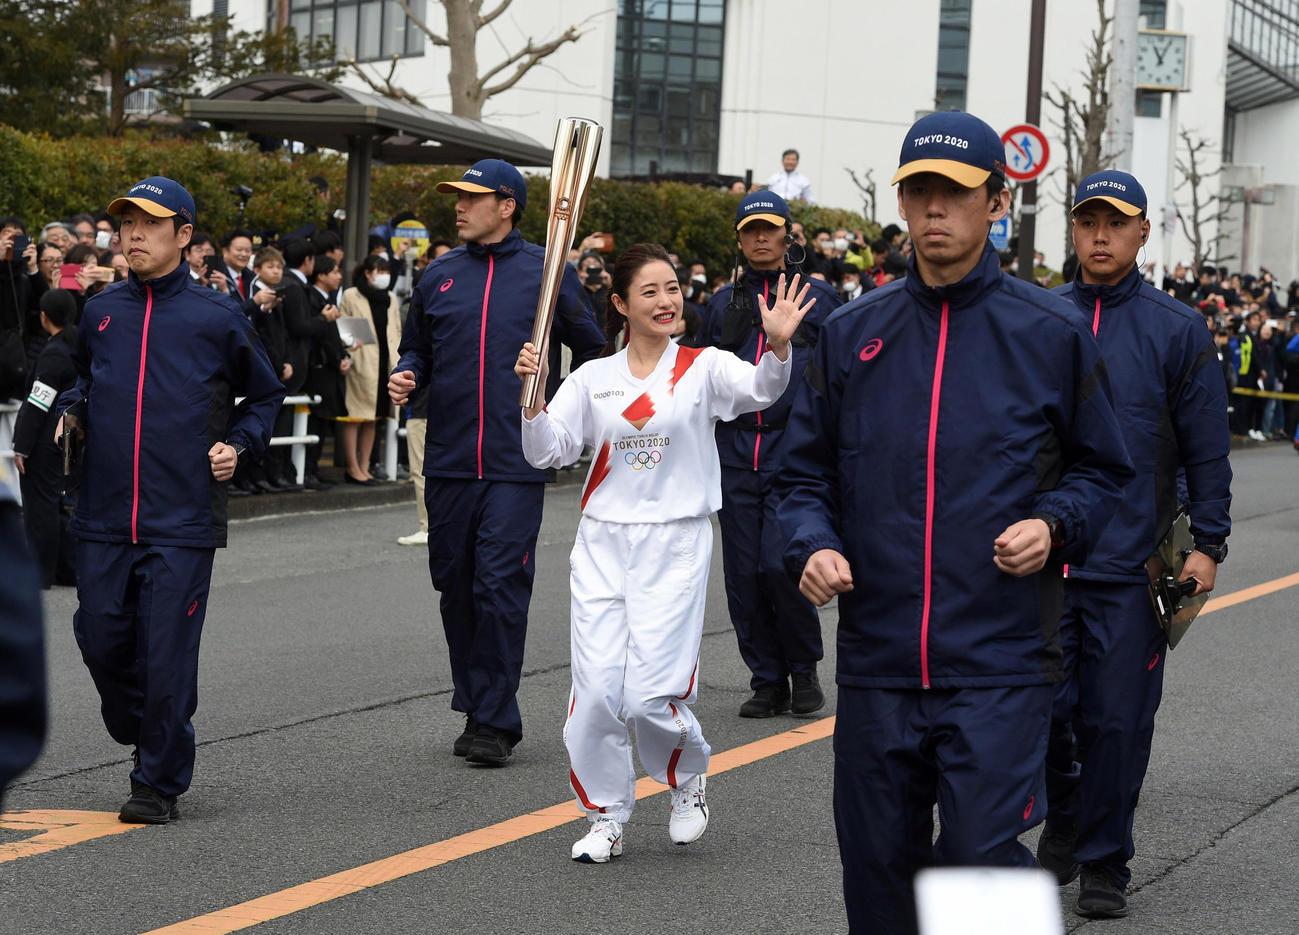 大勢の警備員にガードされて東京五輪の聖火リレーのリハーサルをする石原さとみ(撮影・柴田隆二)